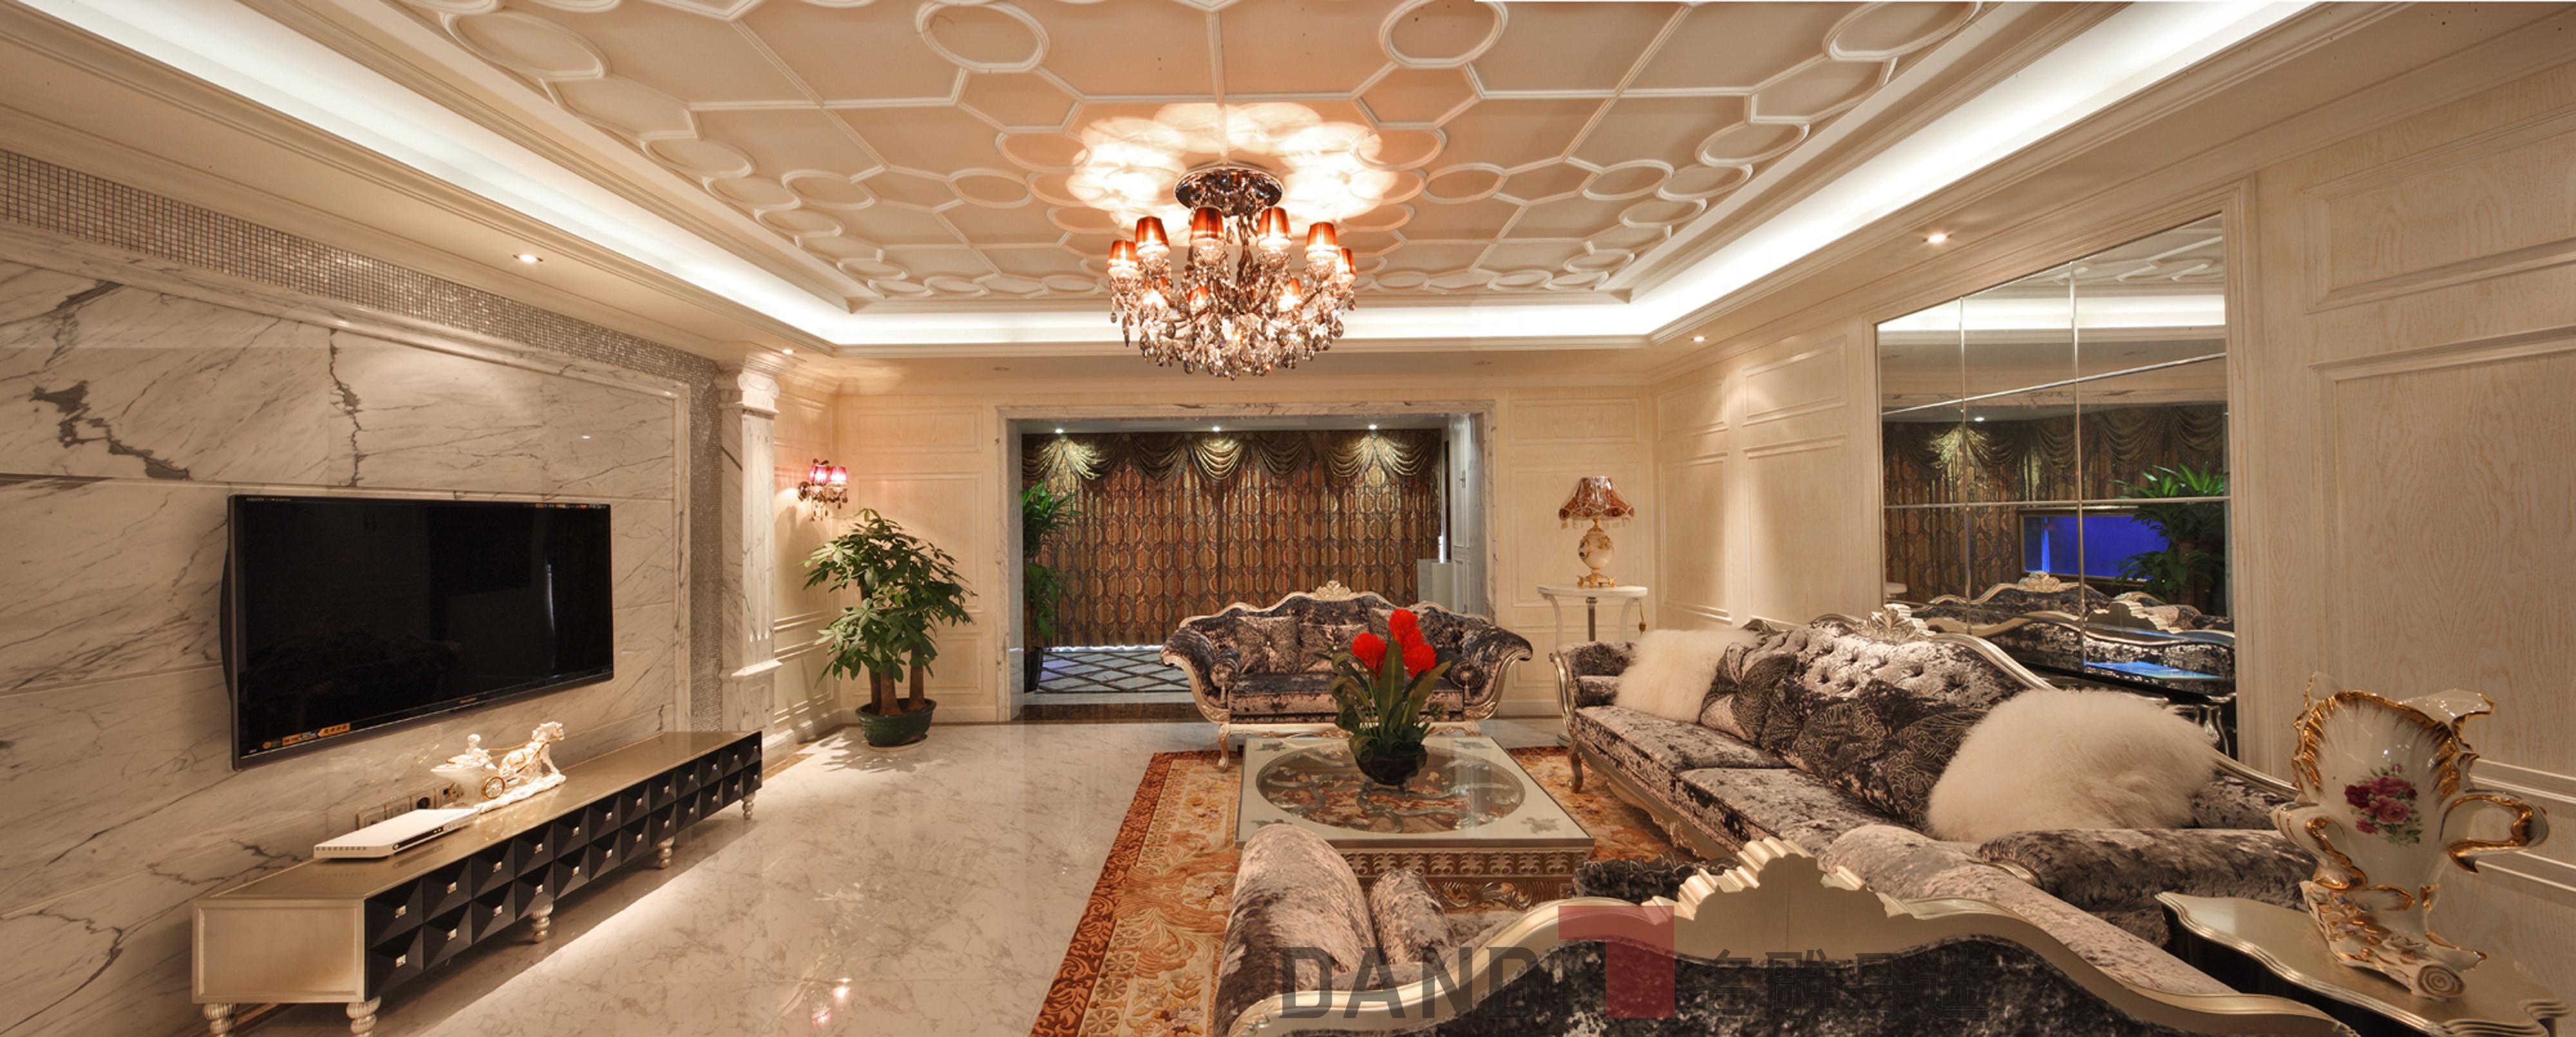 简约 欧式 田园 别墅 客厅图片来自名雕丹迪在万科璞悦山800平米别墅装修的分享